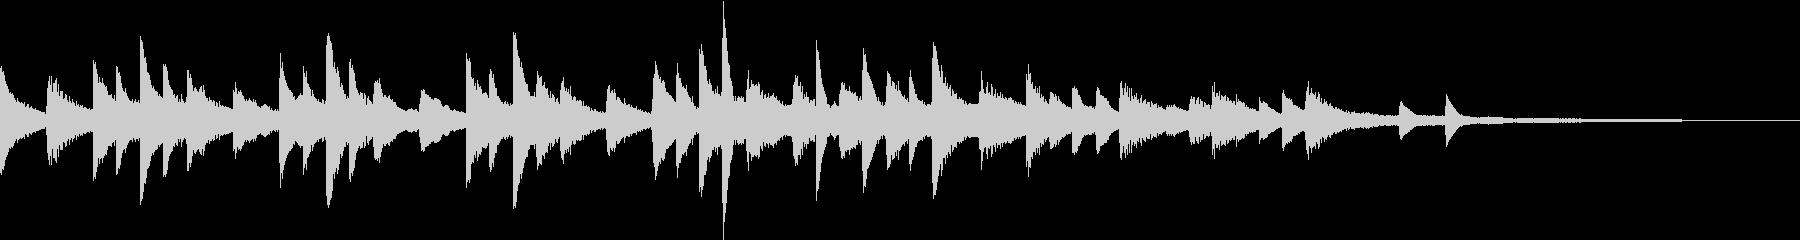 ため息をつくような切ないピアノジングルの未再生の波形